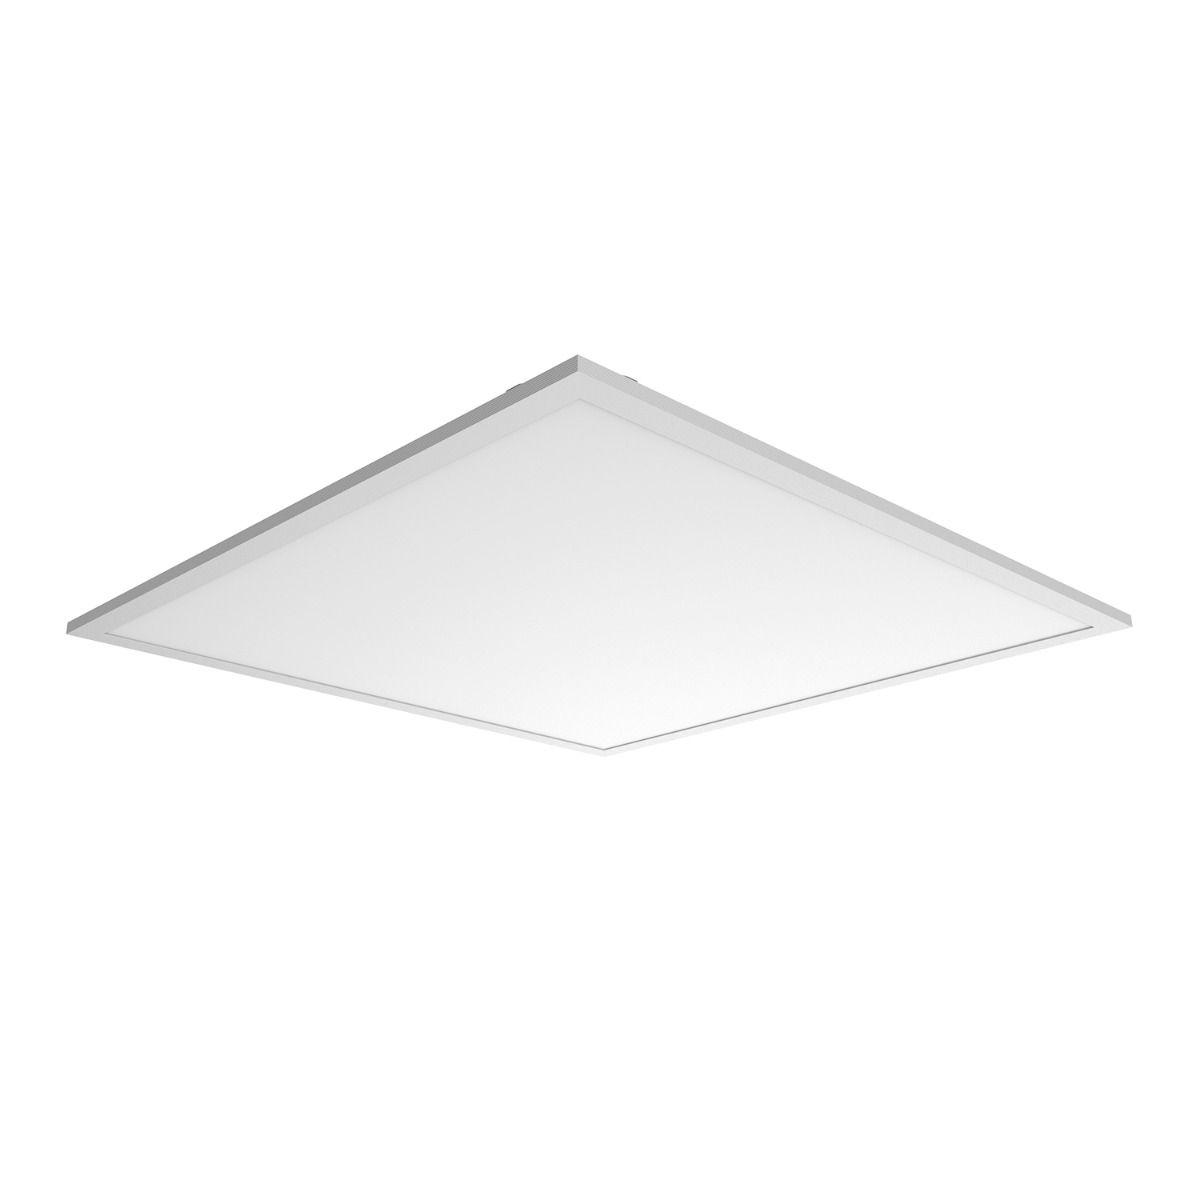 Noxion LED Panel Delta Pro V3 30W 4000K 4070lm 60x60cm UGR <22   Kaltweiß - Ersatz für 4x18W